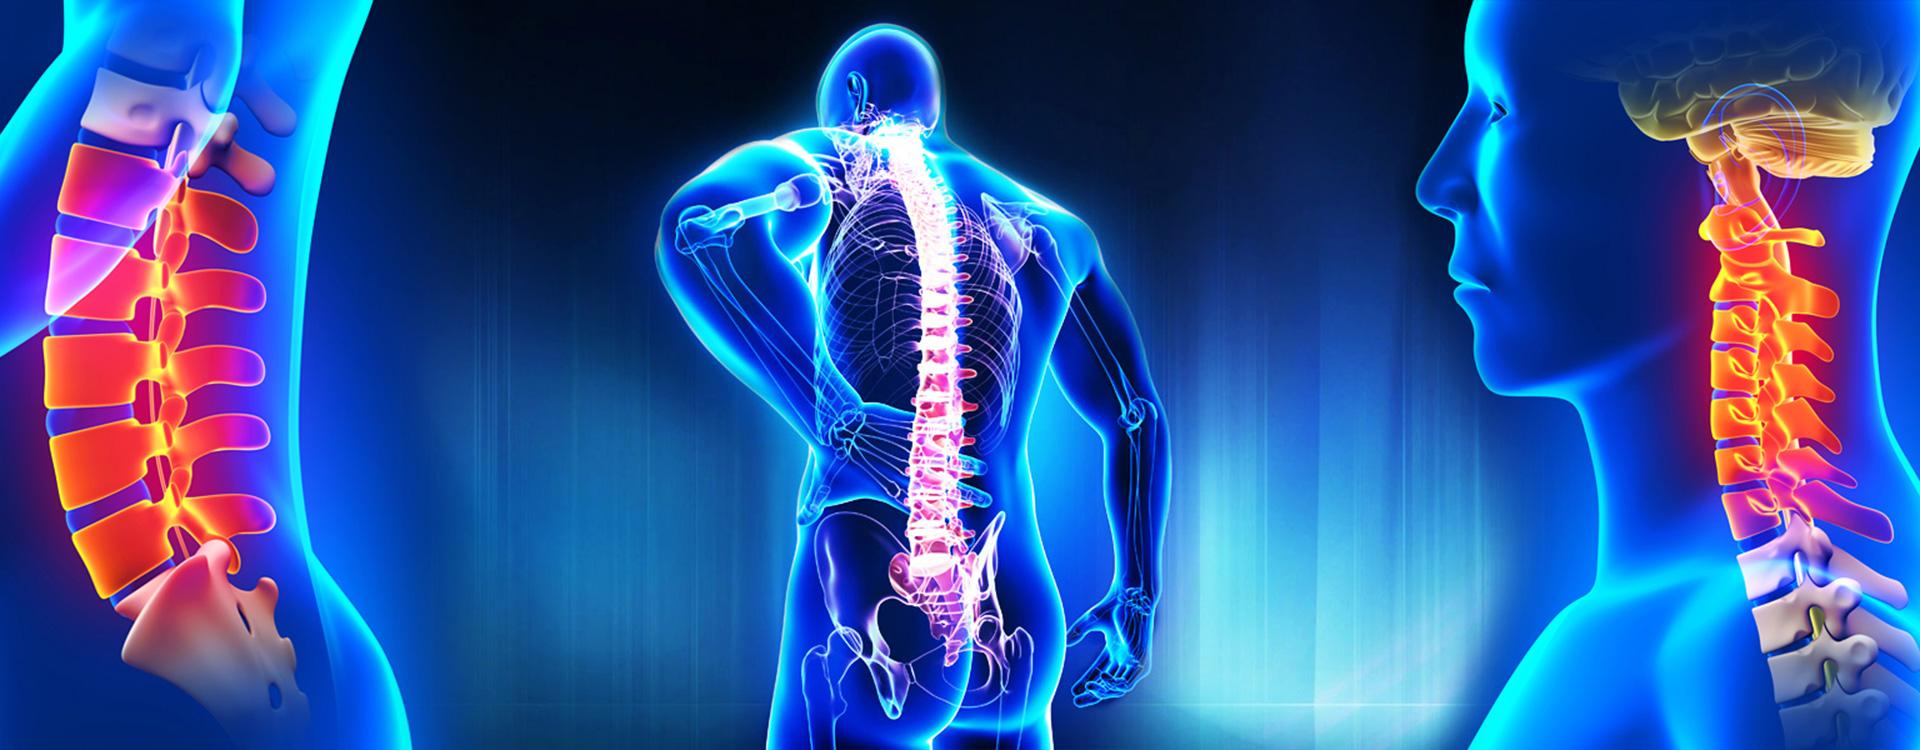 tratamentul ortopedic al articulațiilor și coloanei vertebrale)